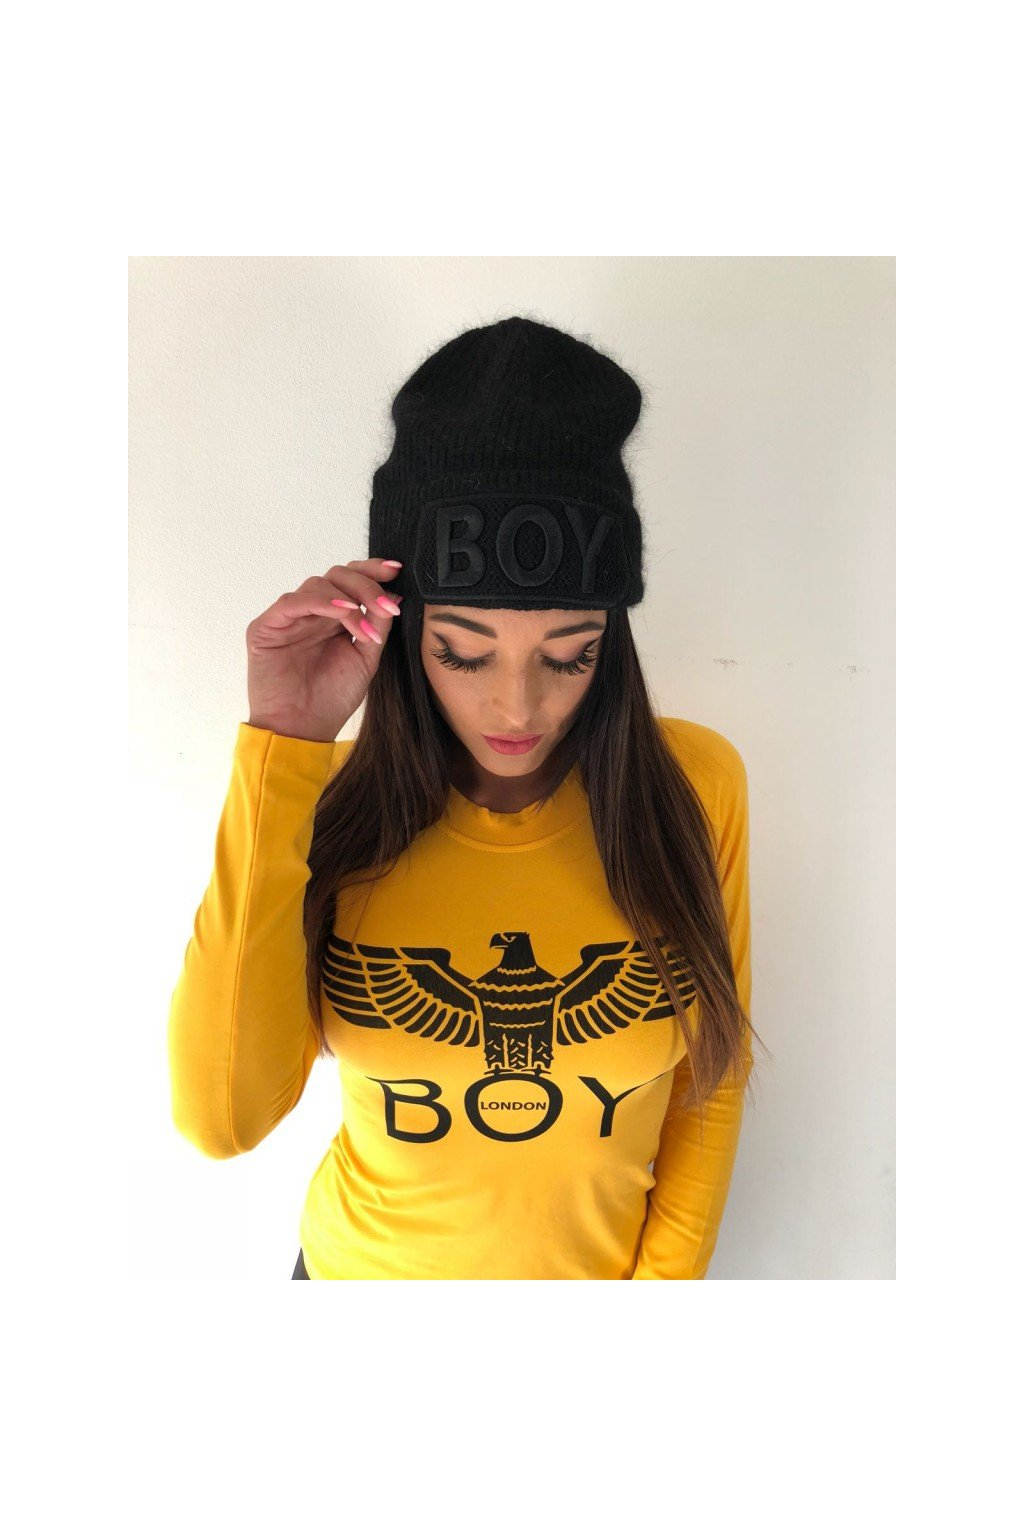 Čepice Boy London - černá (Velikost Velikost UNI)